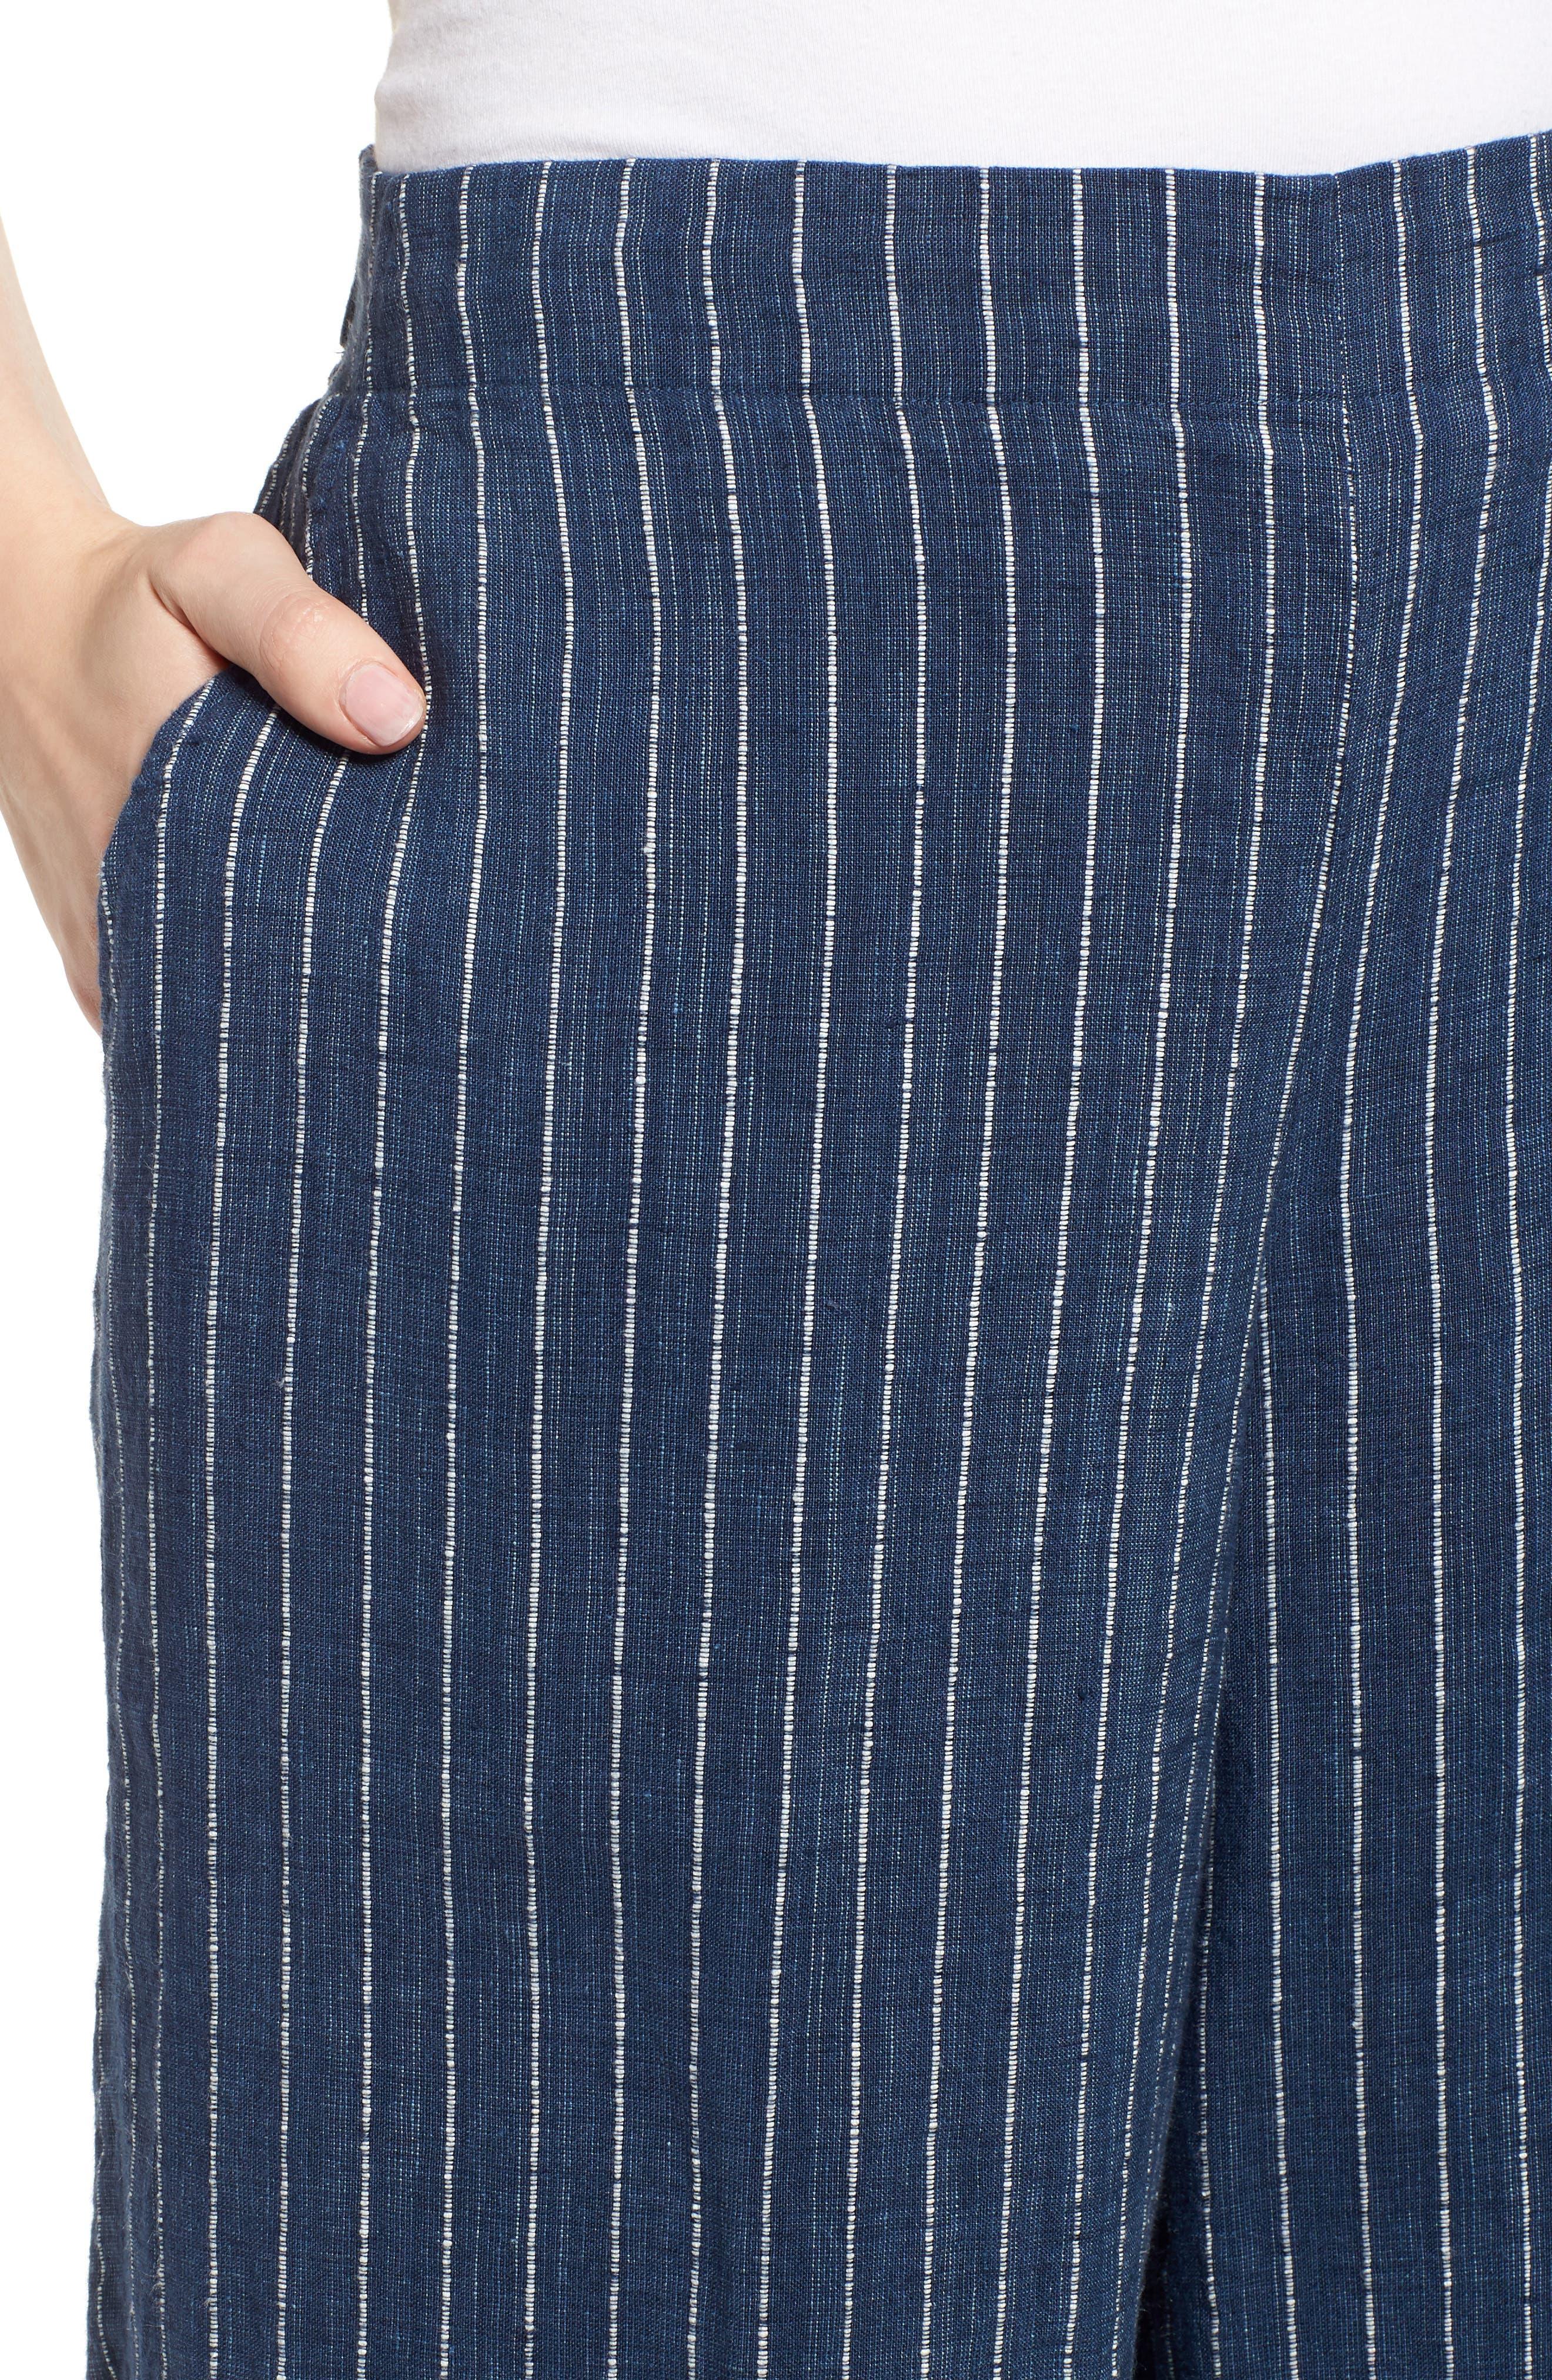 Stripe Linen Crop Pants,                             Alternate thumbnail 4, color,                             480